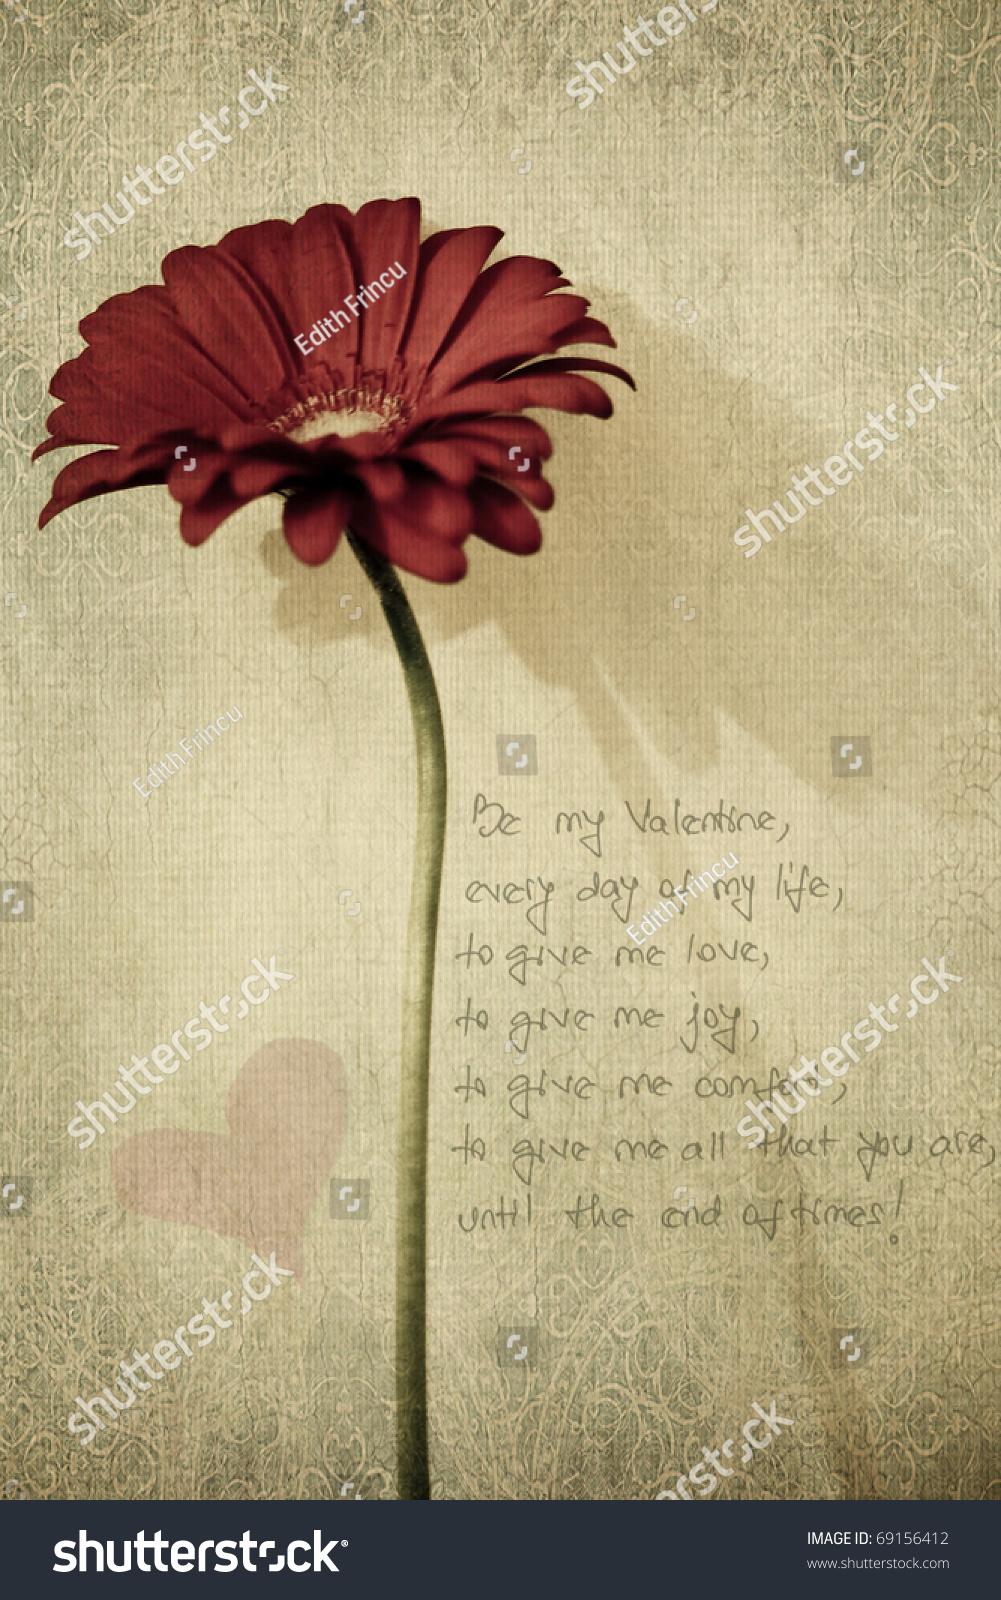 Red Flower Valentine Poem Textured Stock Photo Edit Now 69156412